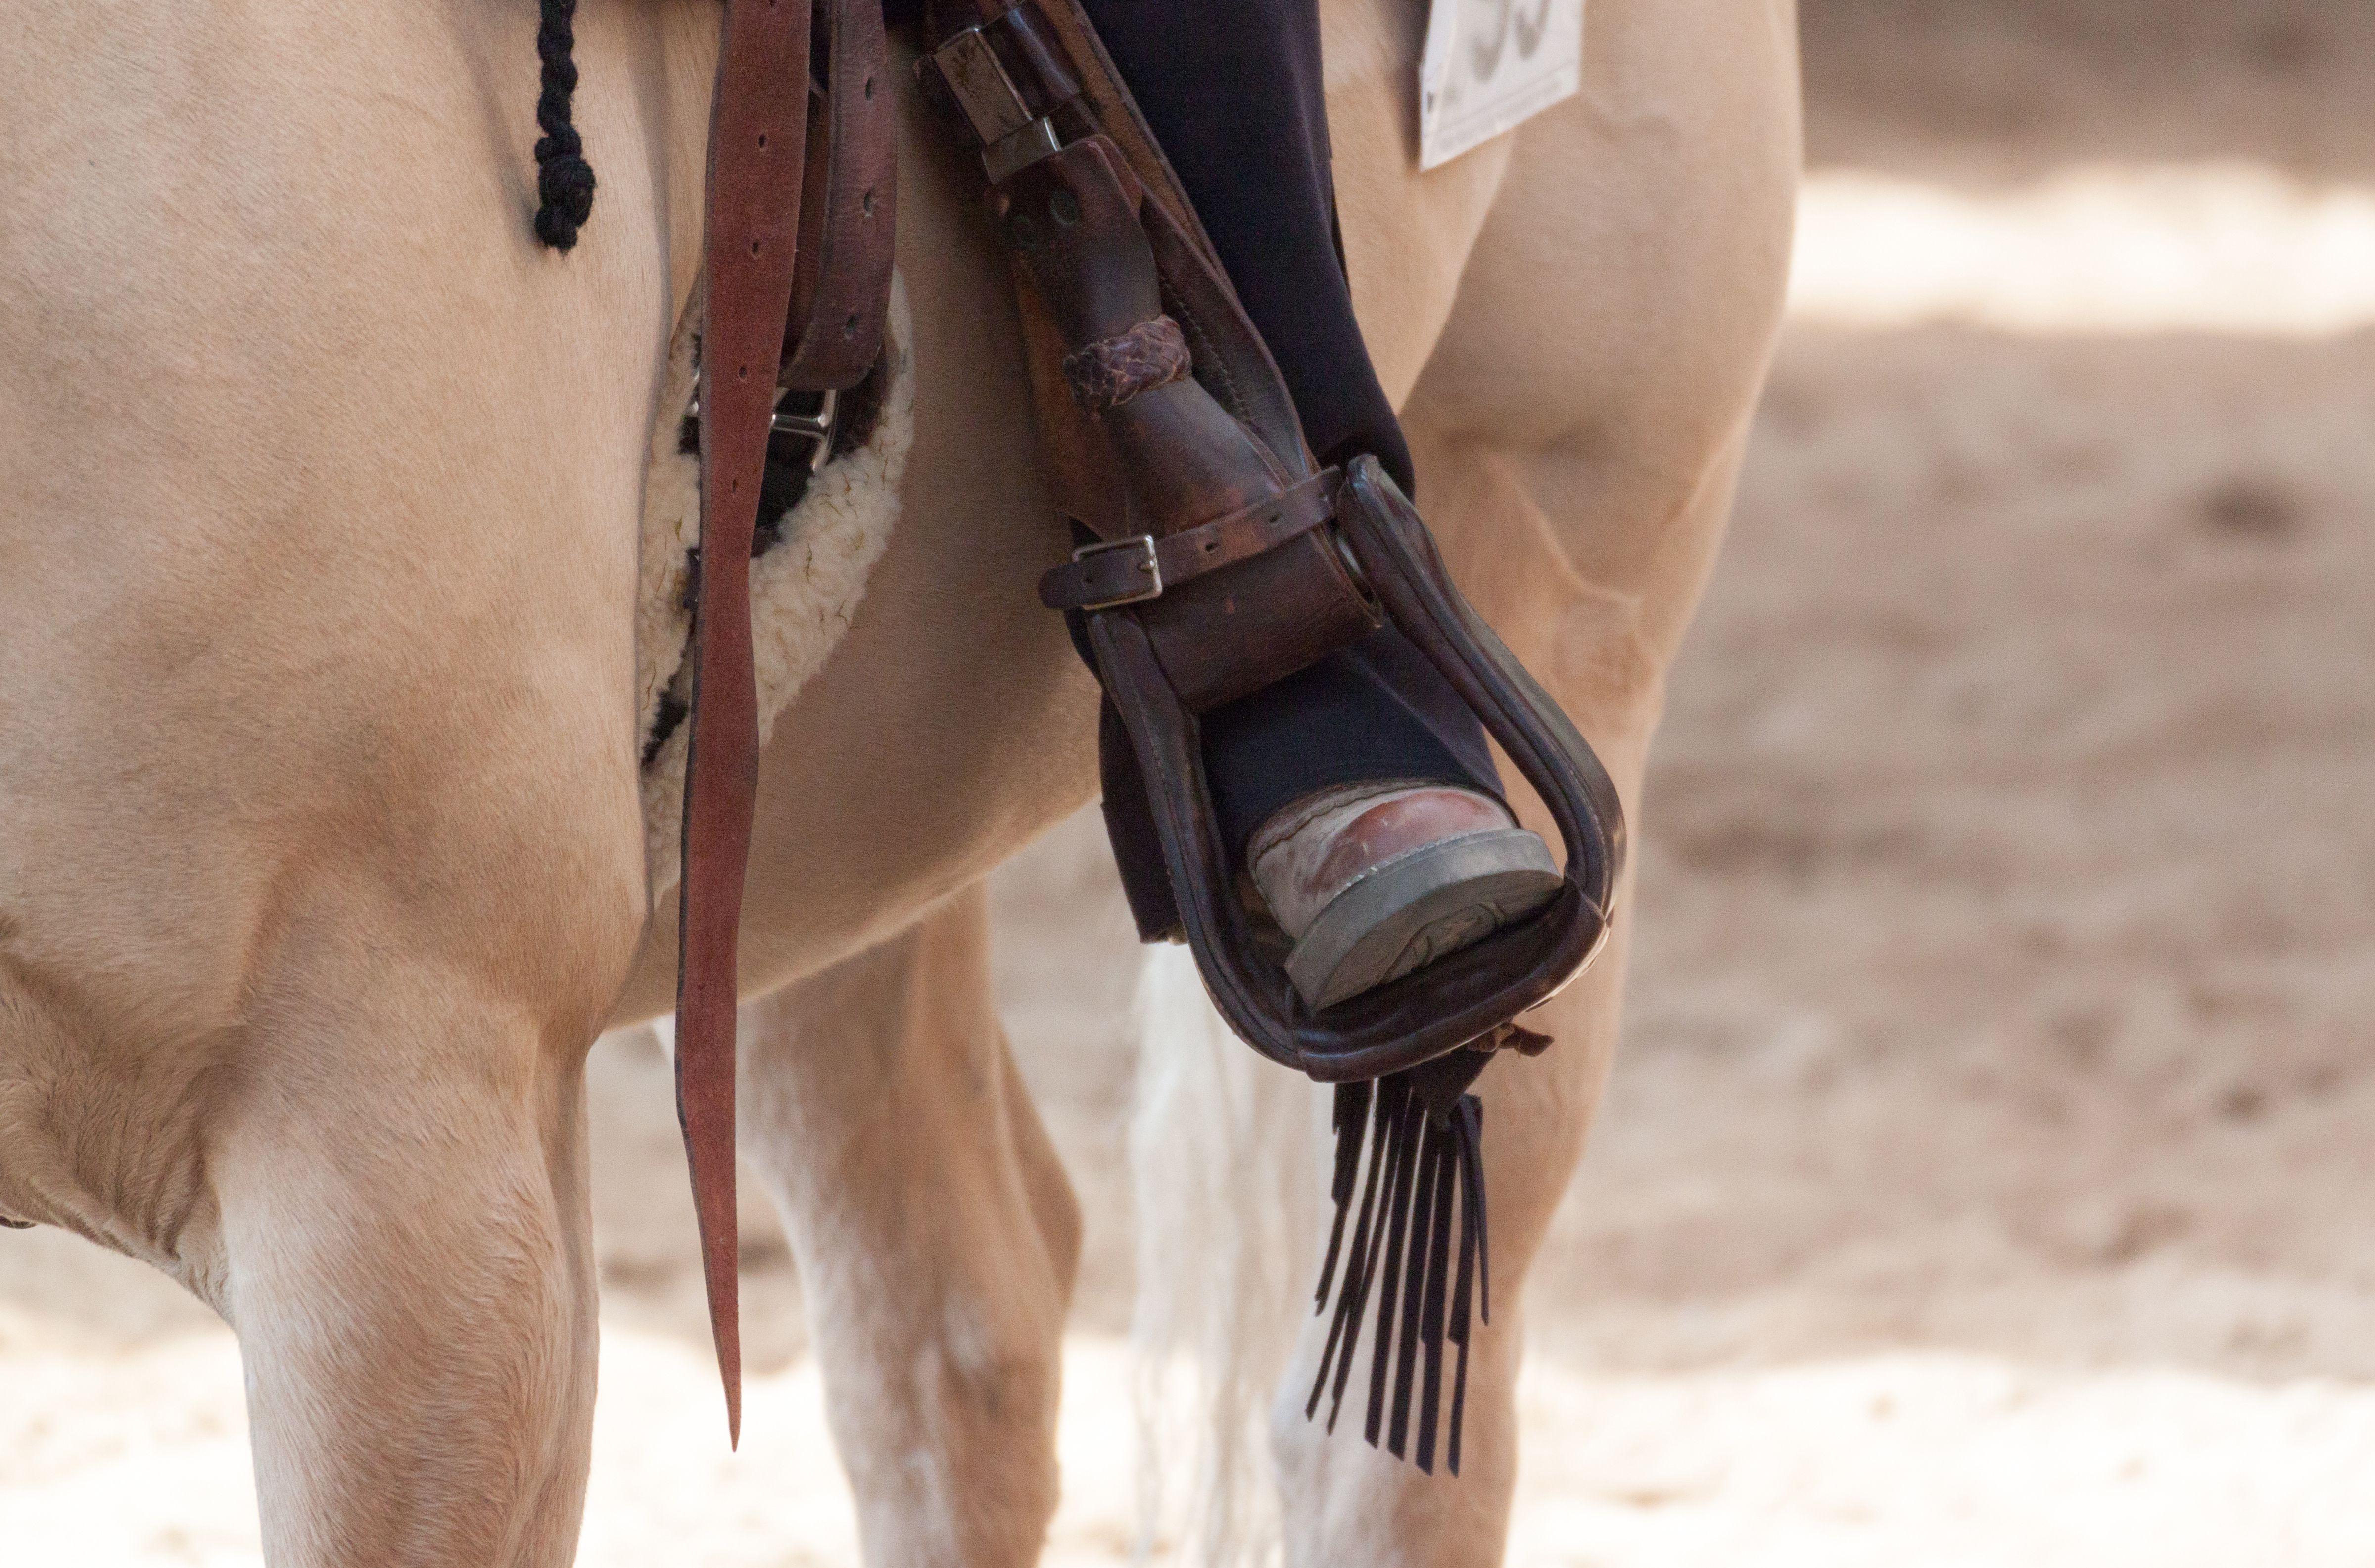 Sección baja de la persona que monta el caballo